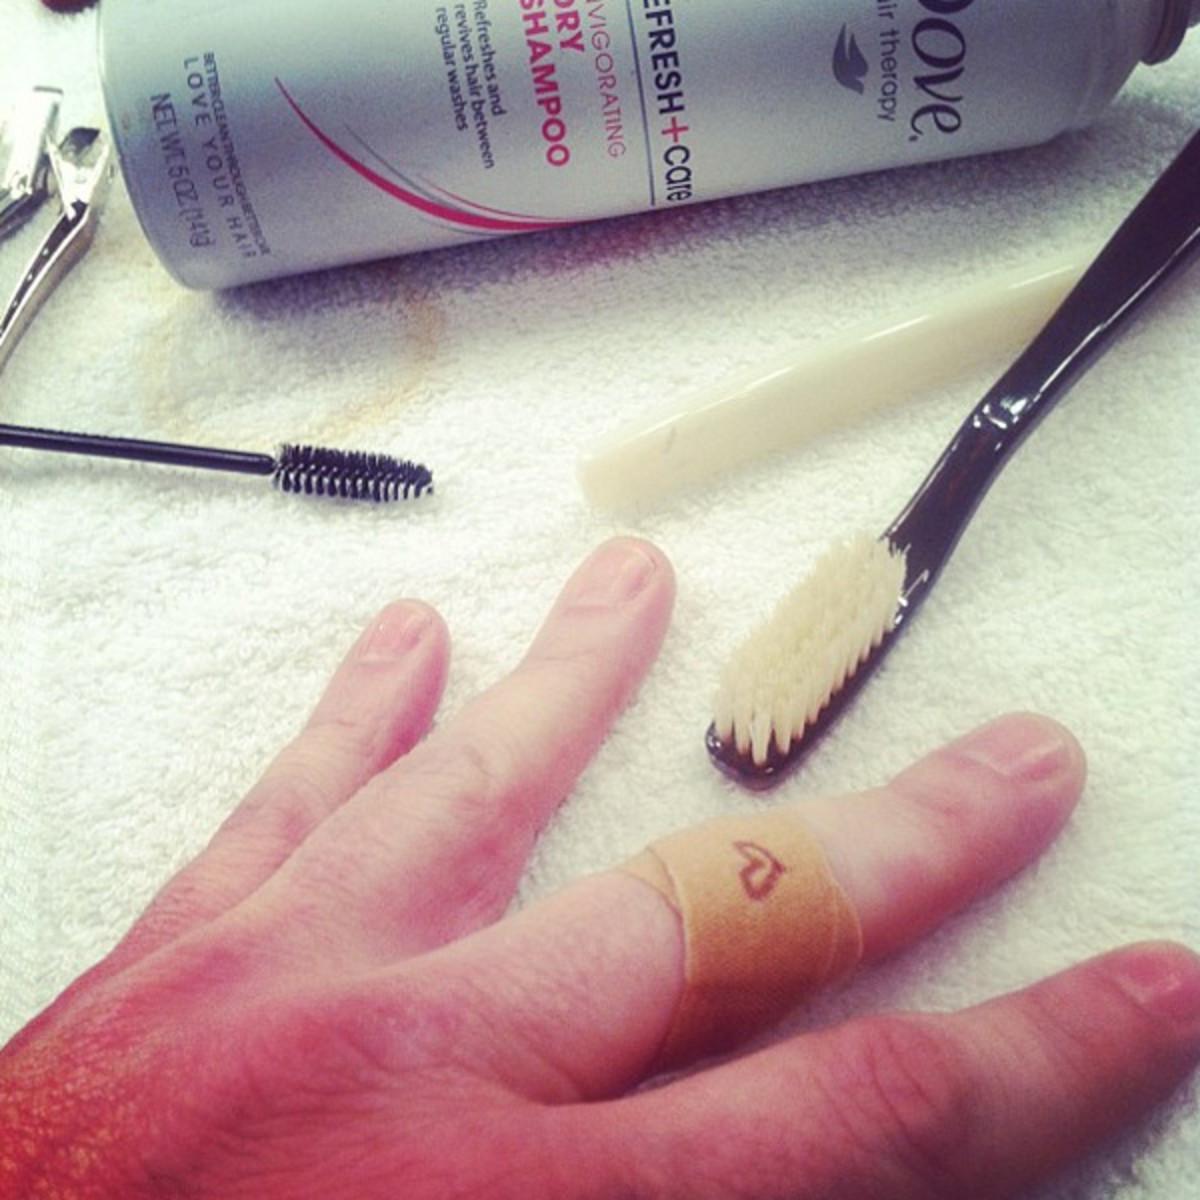 Mark Townsend cut finger